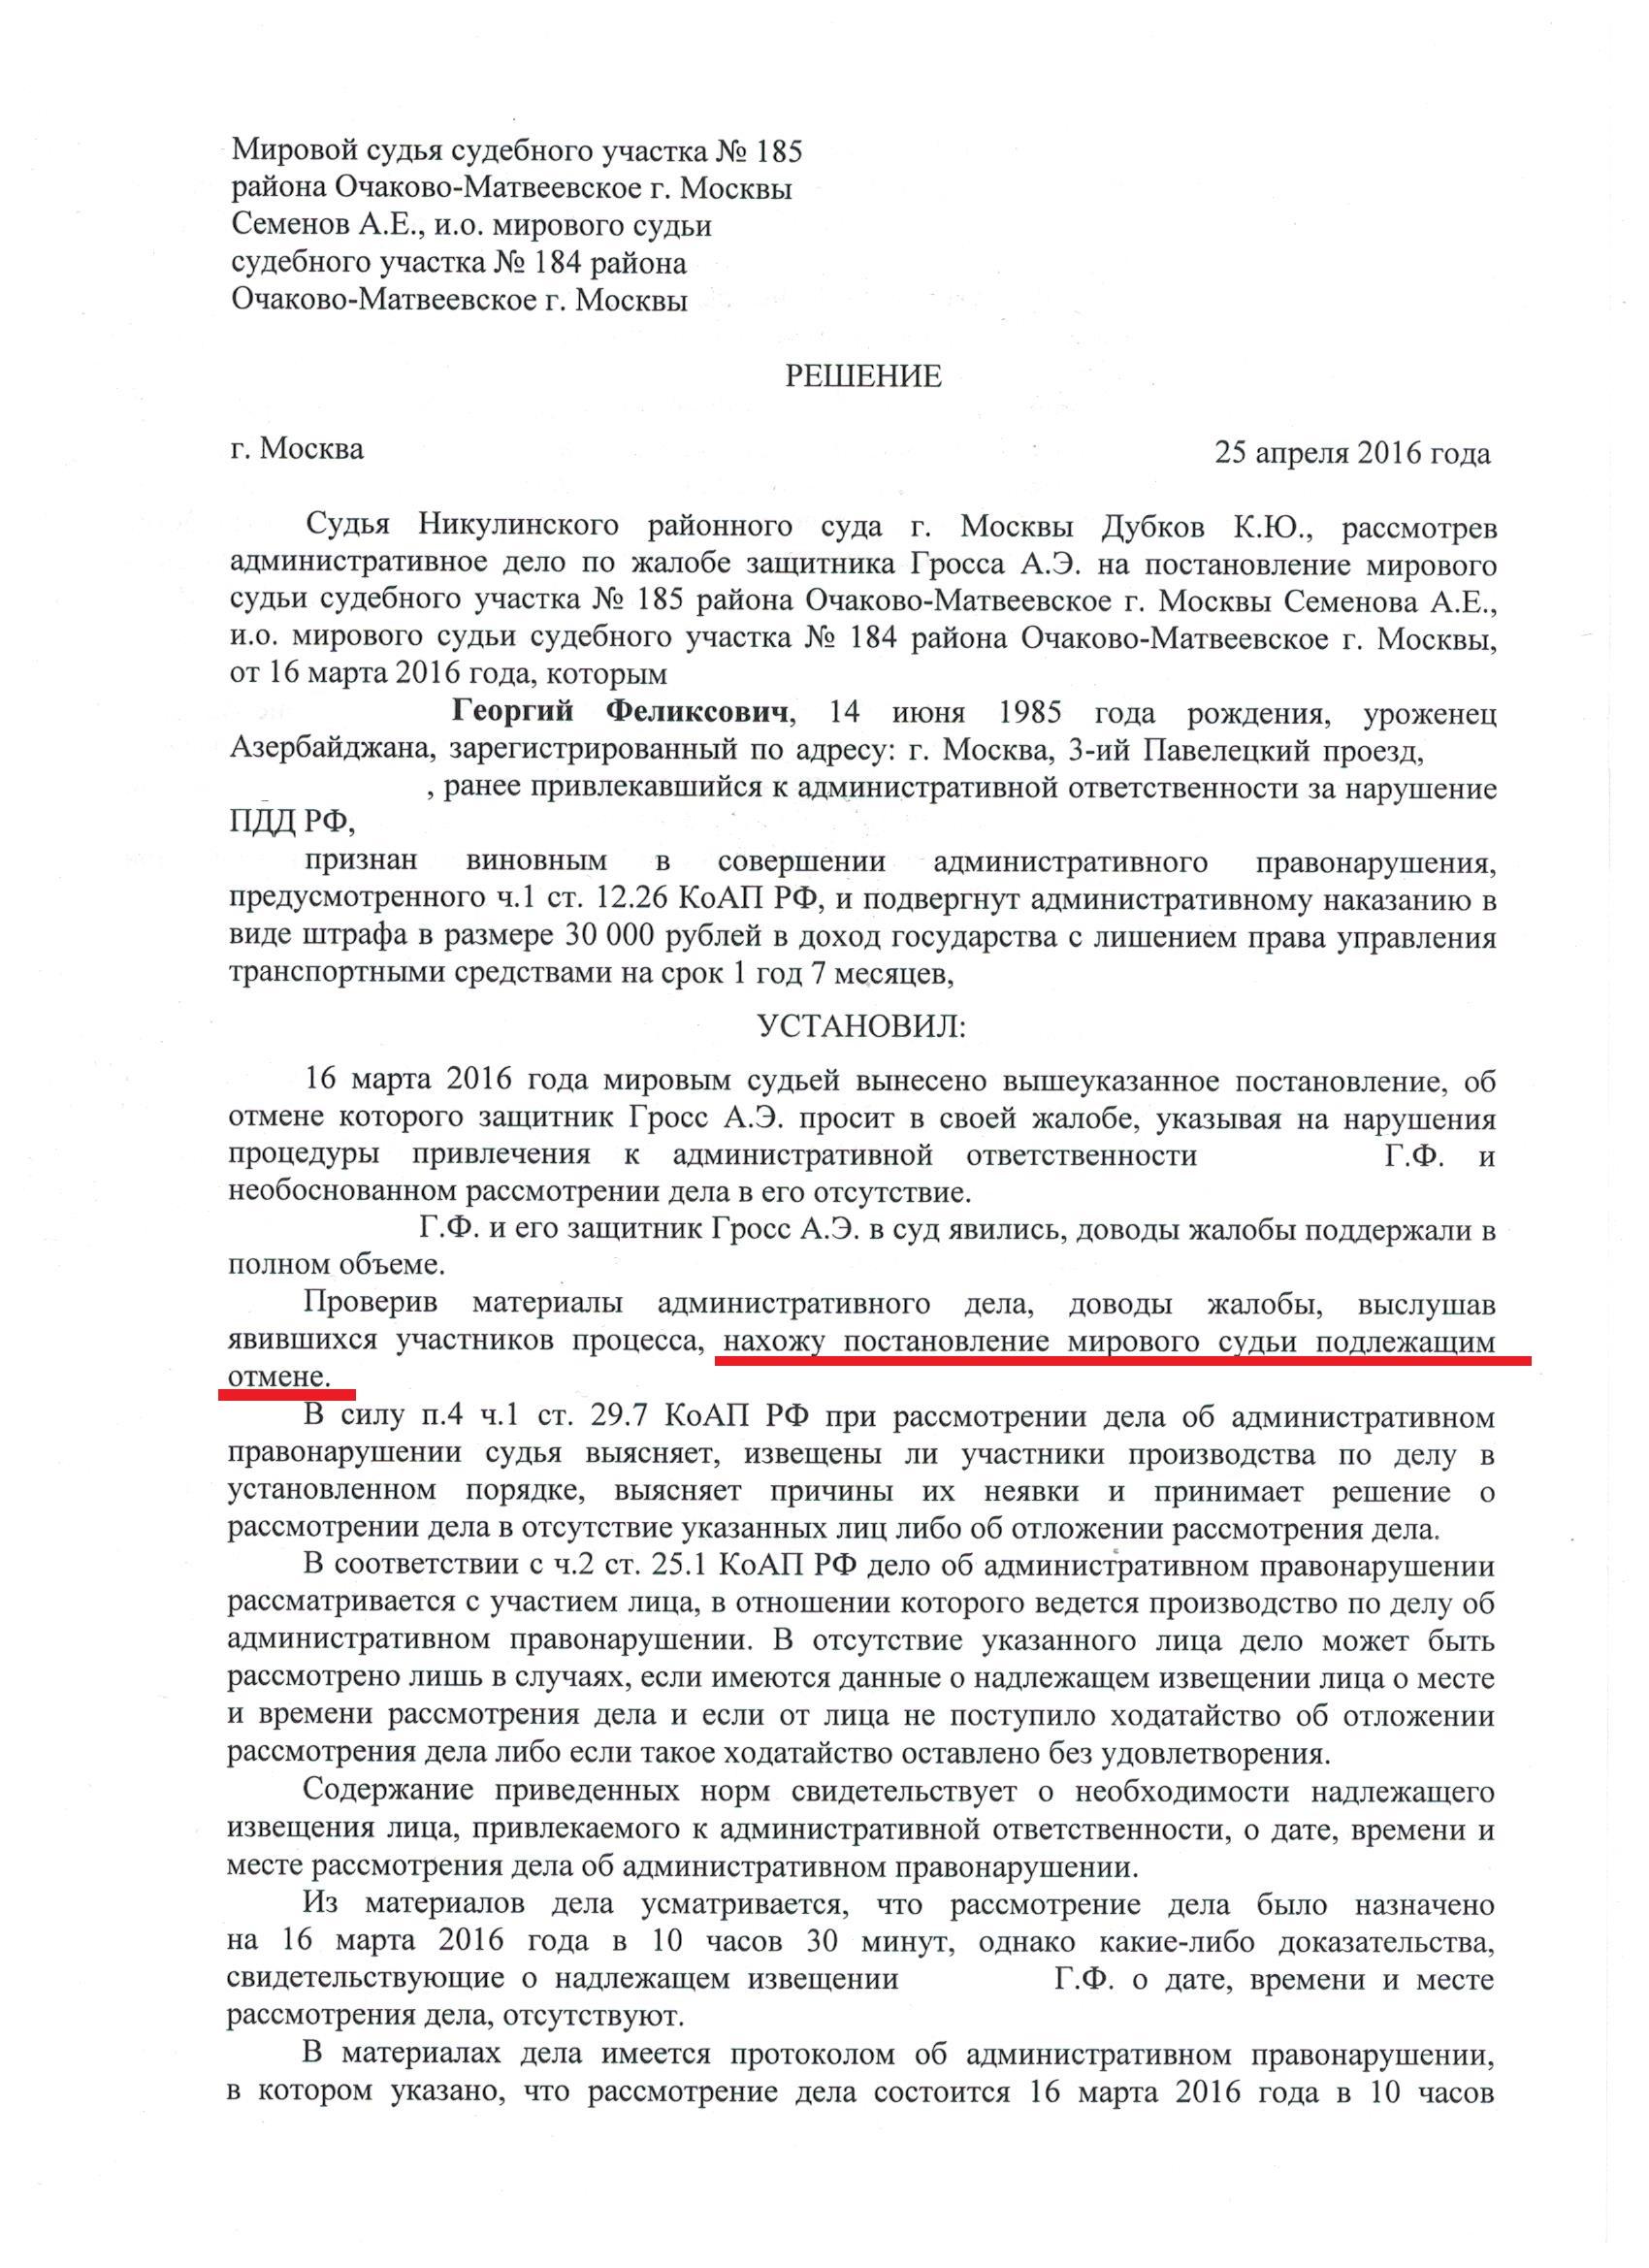 vvedena-administrativnaya-otvetstvennost-za-narushenie-poryadka-provedeniya-obyazatelnogo-mediczinskogo-osvidetelstvovaniya-voditelej-2